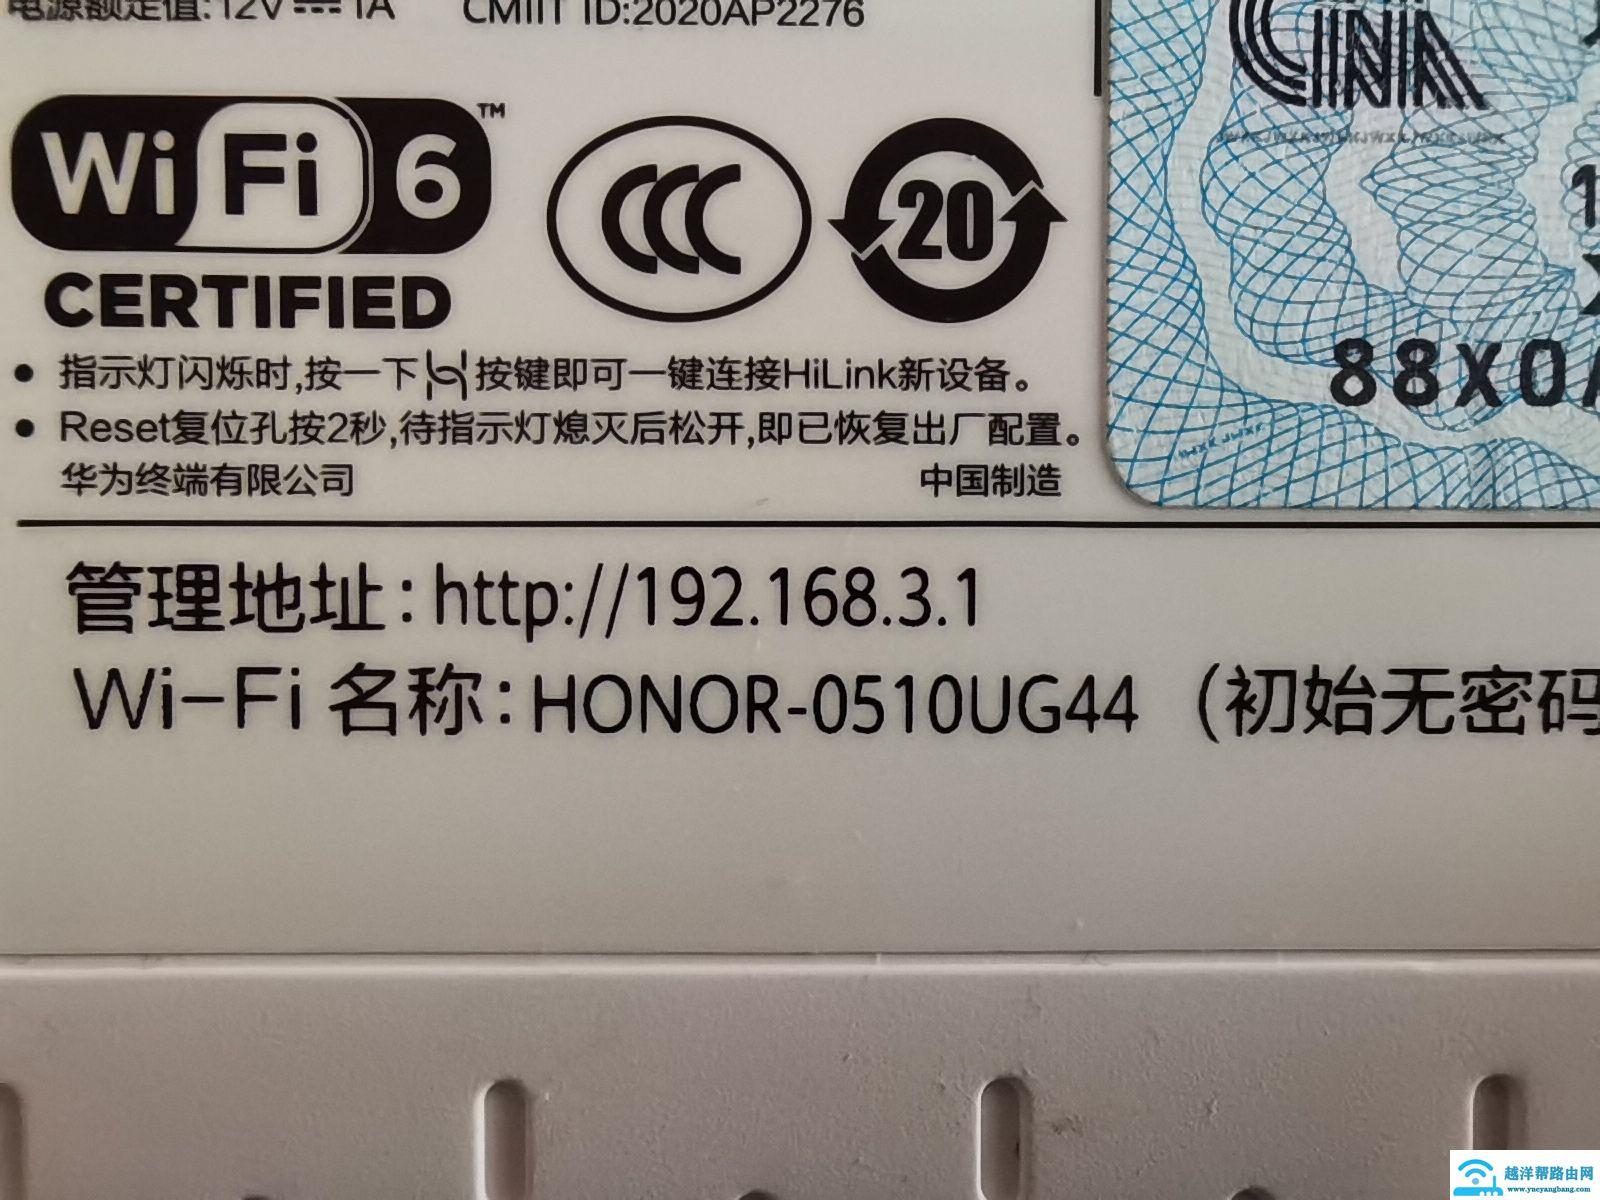 在家手机上网信号差,自己安装WiFi和改名改密码,不麻烦人了